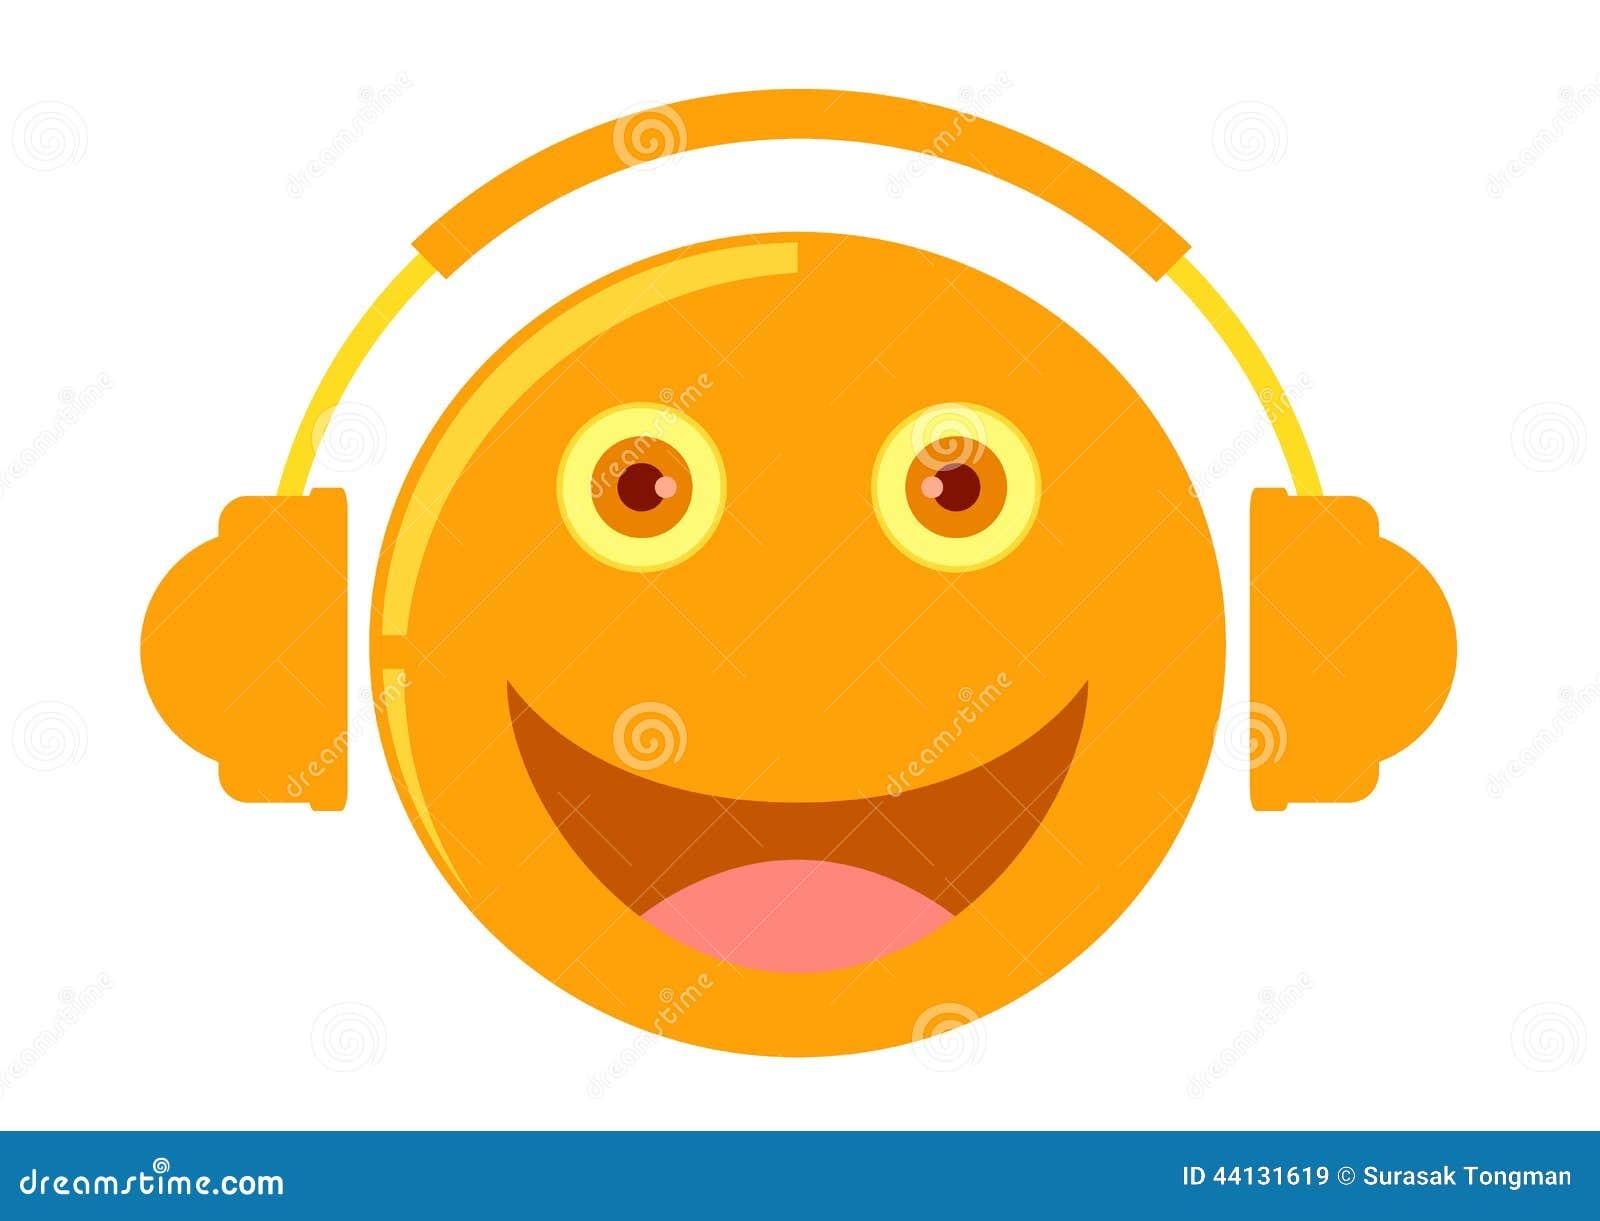 Image Gallery listening cartoon